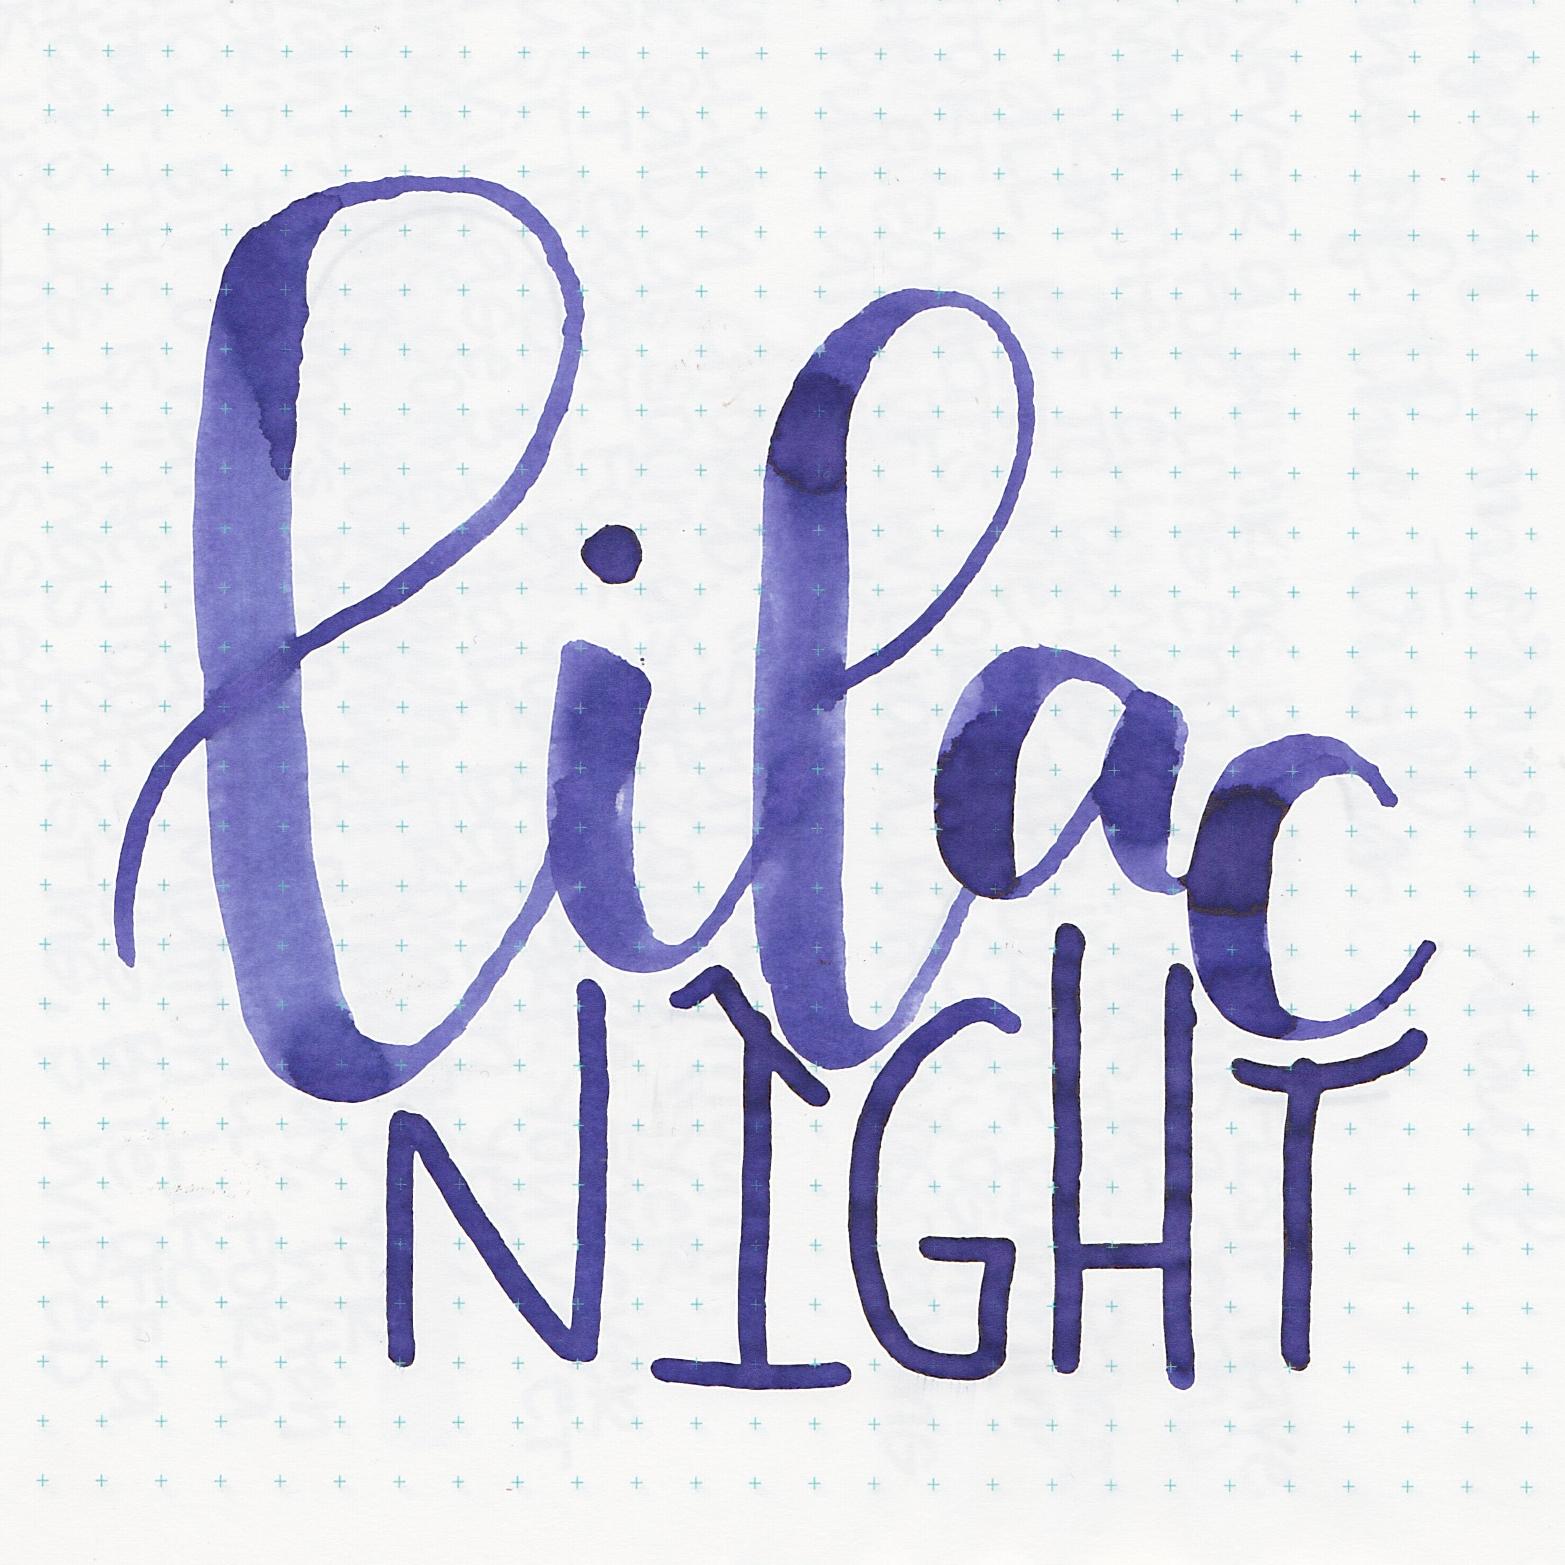 DLilacNight-4.jpg